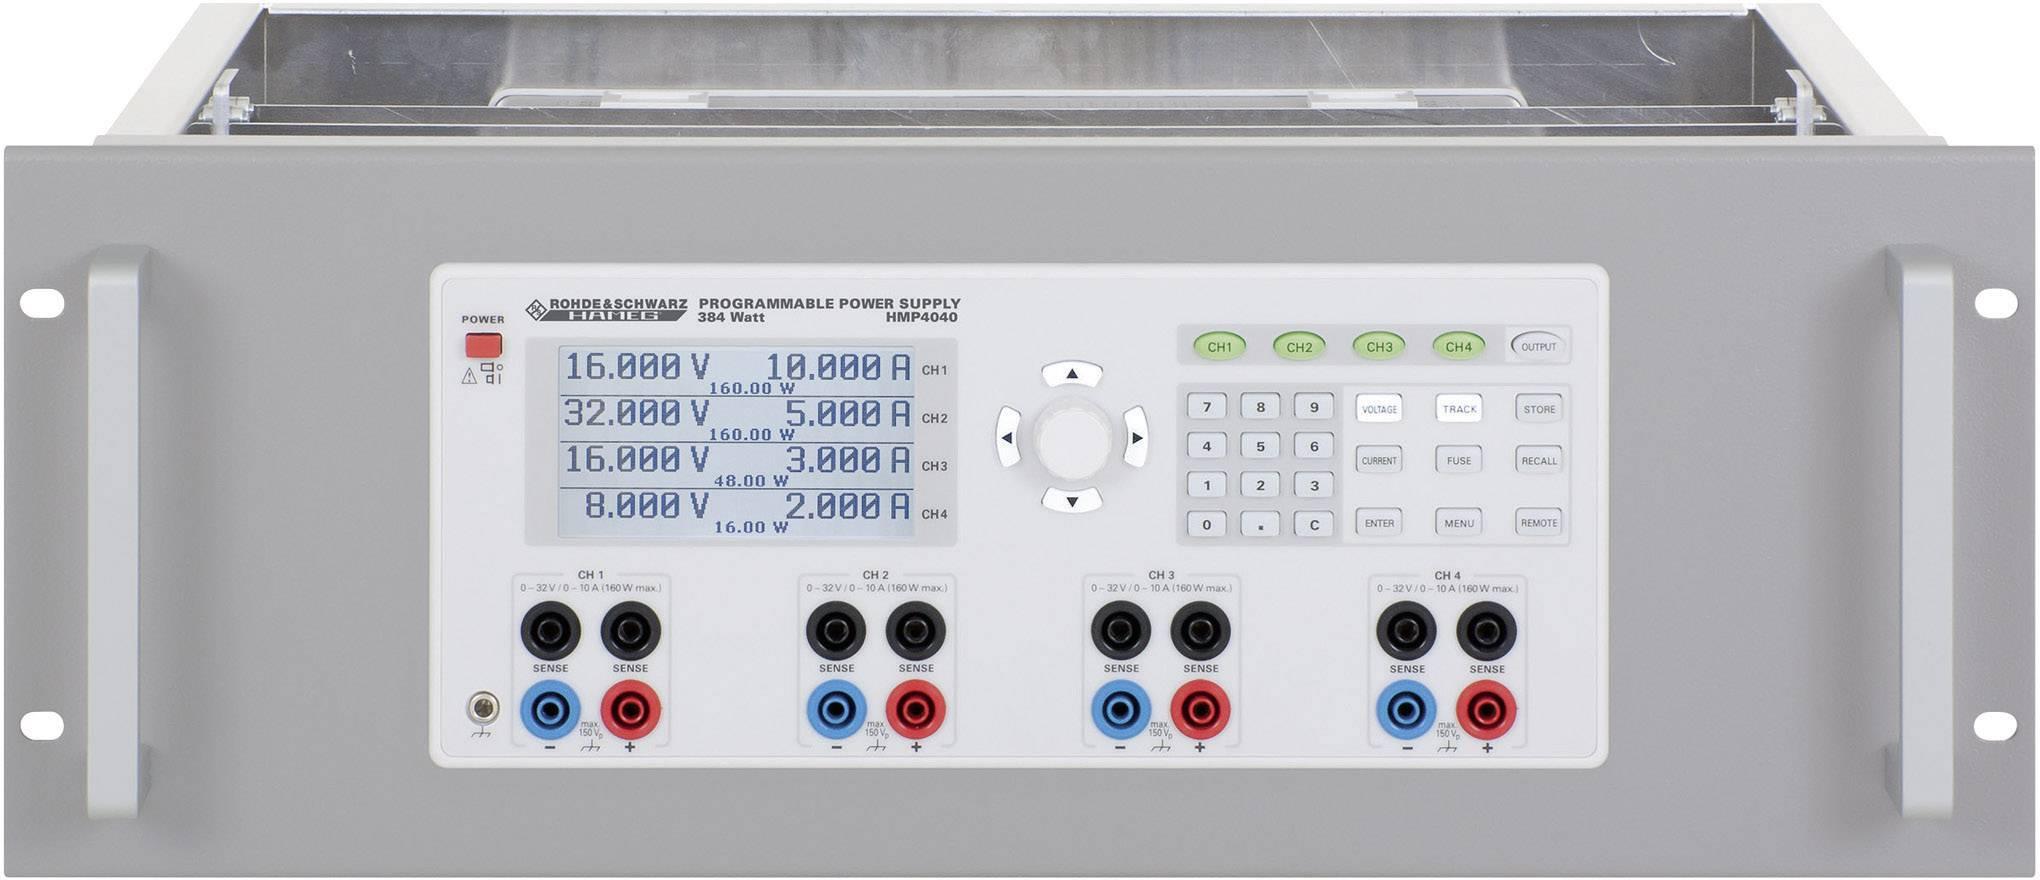 """Sada pre montáž do racku 4U HZP91 48,26 cm (19 """") Rohde & Schwarz 5800.0939.02"""